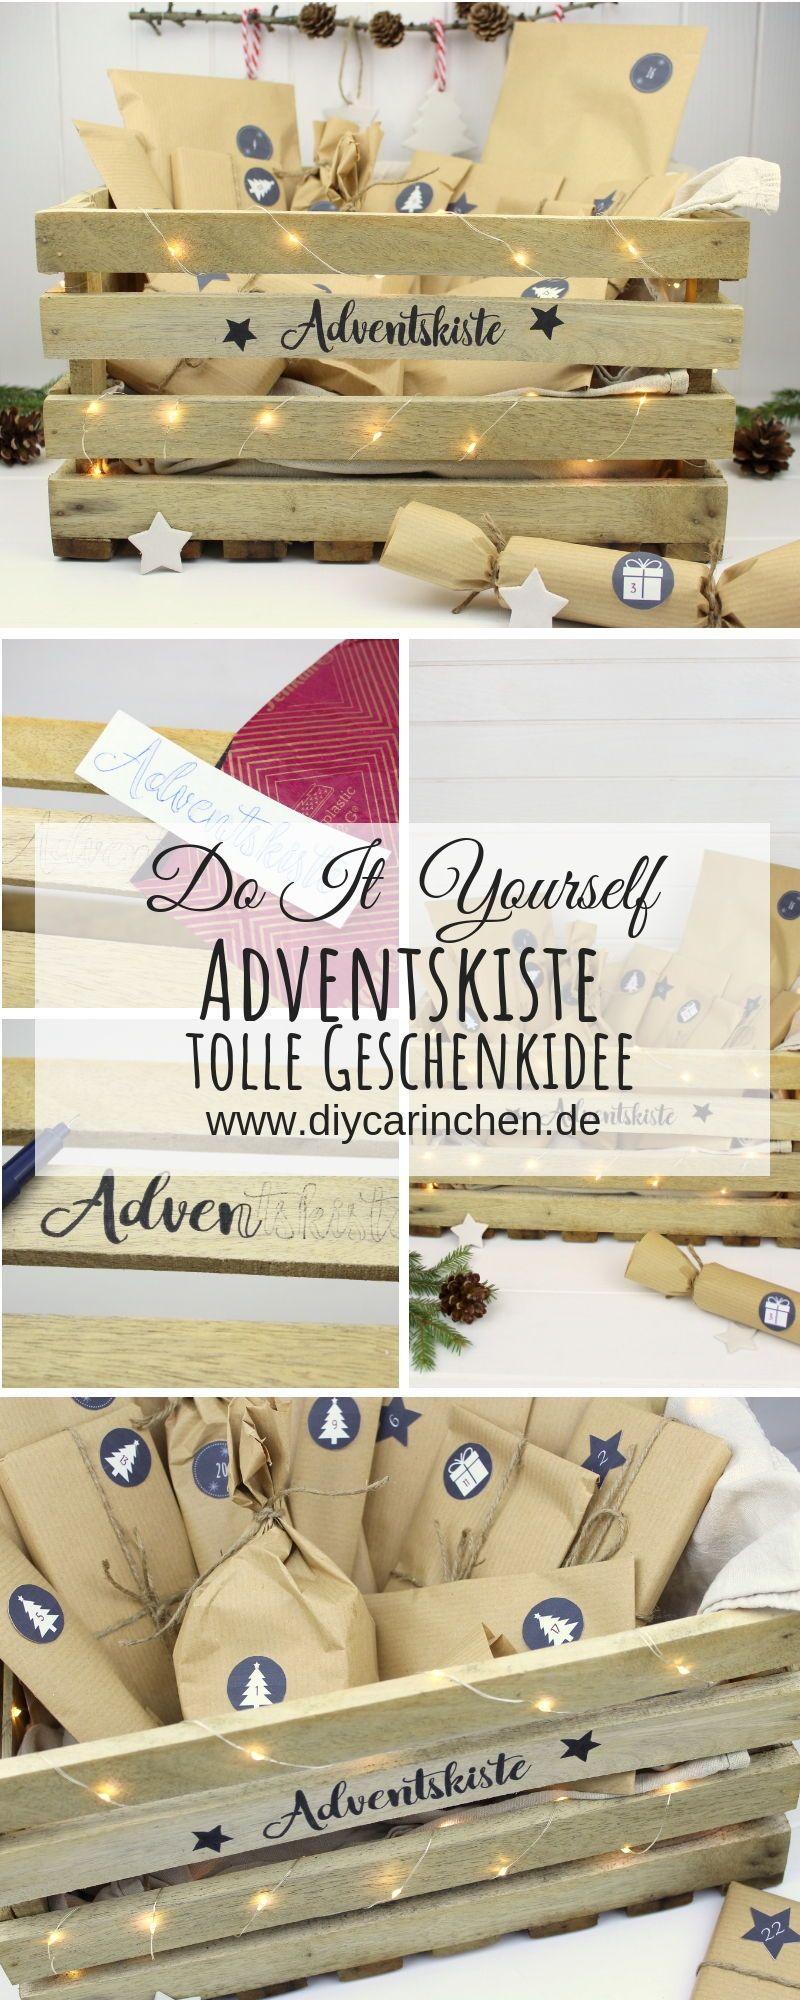 DIY - Adventskiste, Adventskalender in einer Kiste selber machen | DIYCarinchen